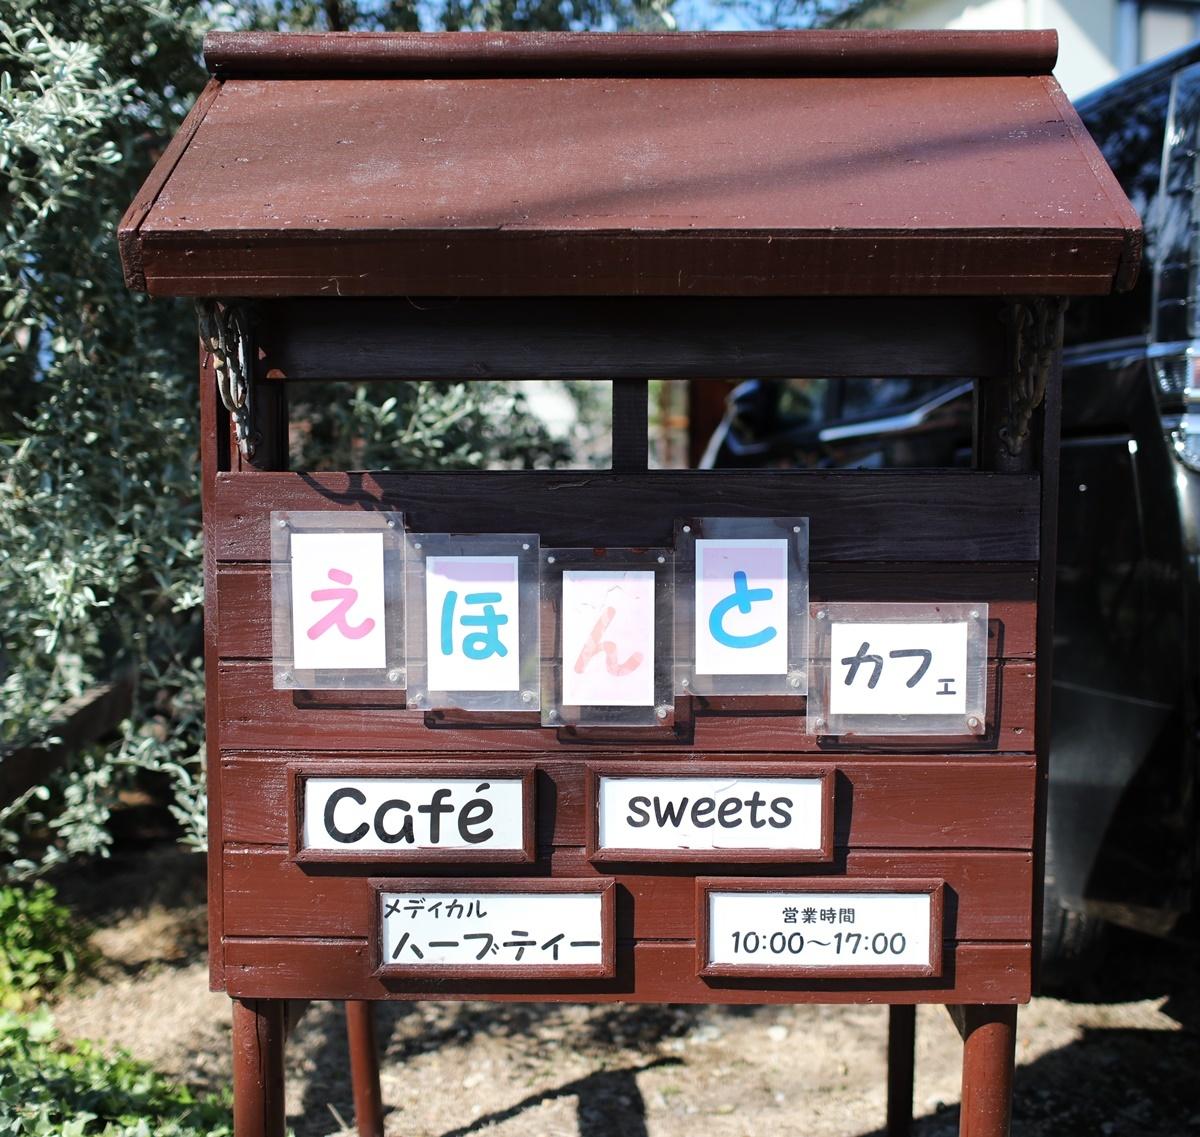 [渋川市]えほんとカフェ[釜焼きパンケーキ/焼きまんじゅう]_a0243720_15283807.jpg